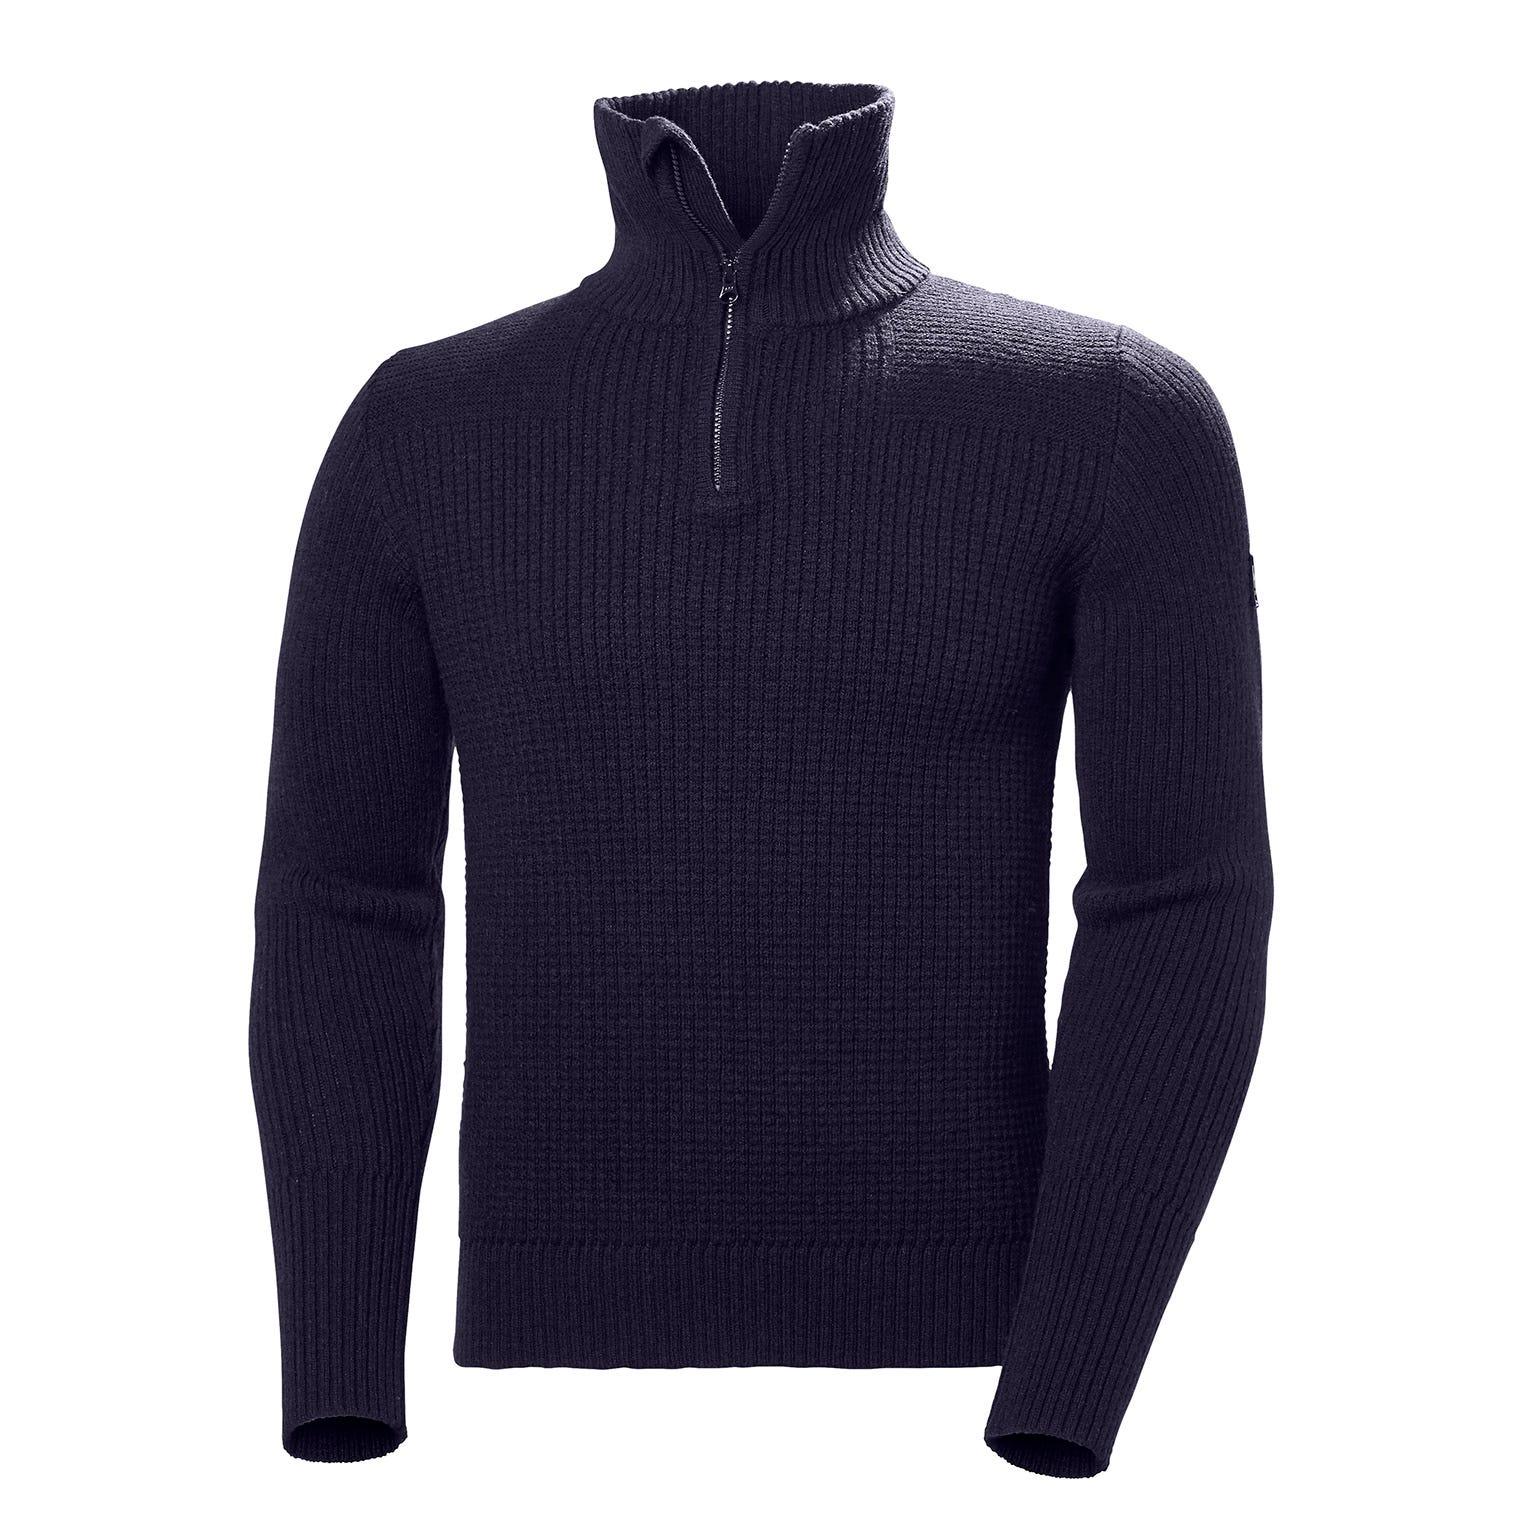 Mens Marka Knitted Wool Jumper | Helly Hansen Mens Fleece Navy XL